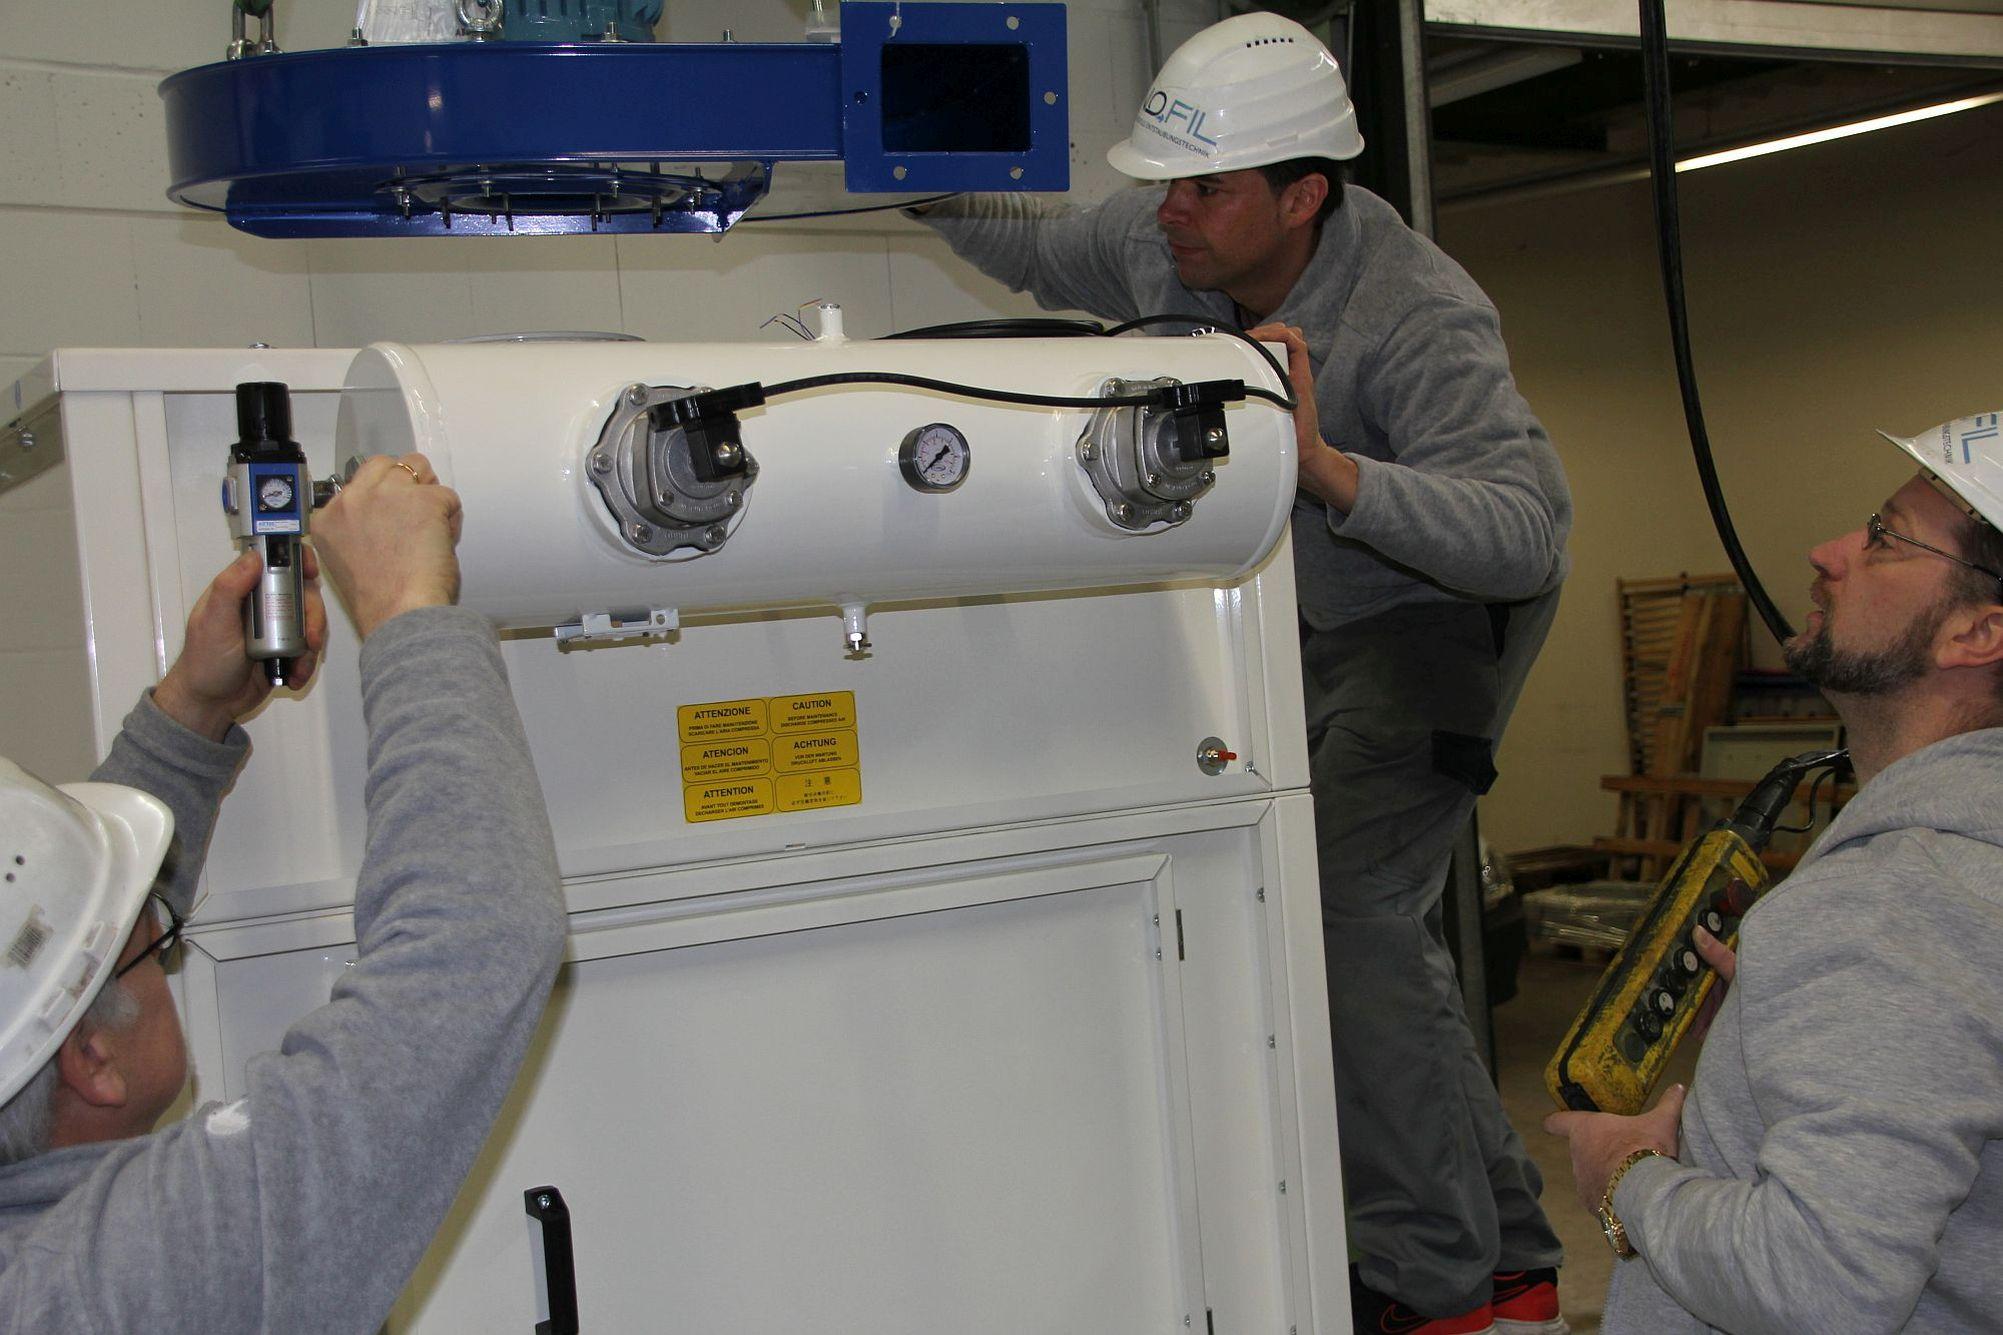 Innofil - unsere Leistungen zur Steigerung der Energieeffizienz industieller Entstaubungstechnik